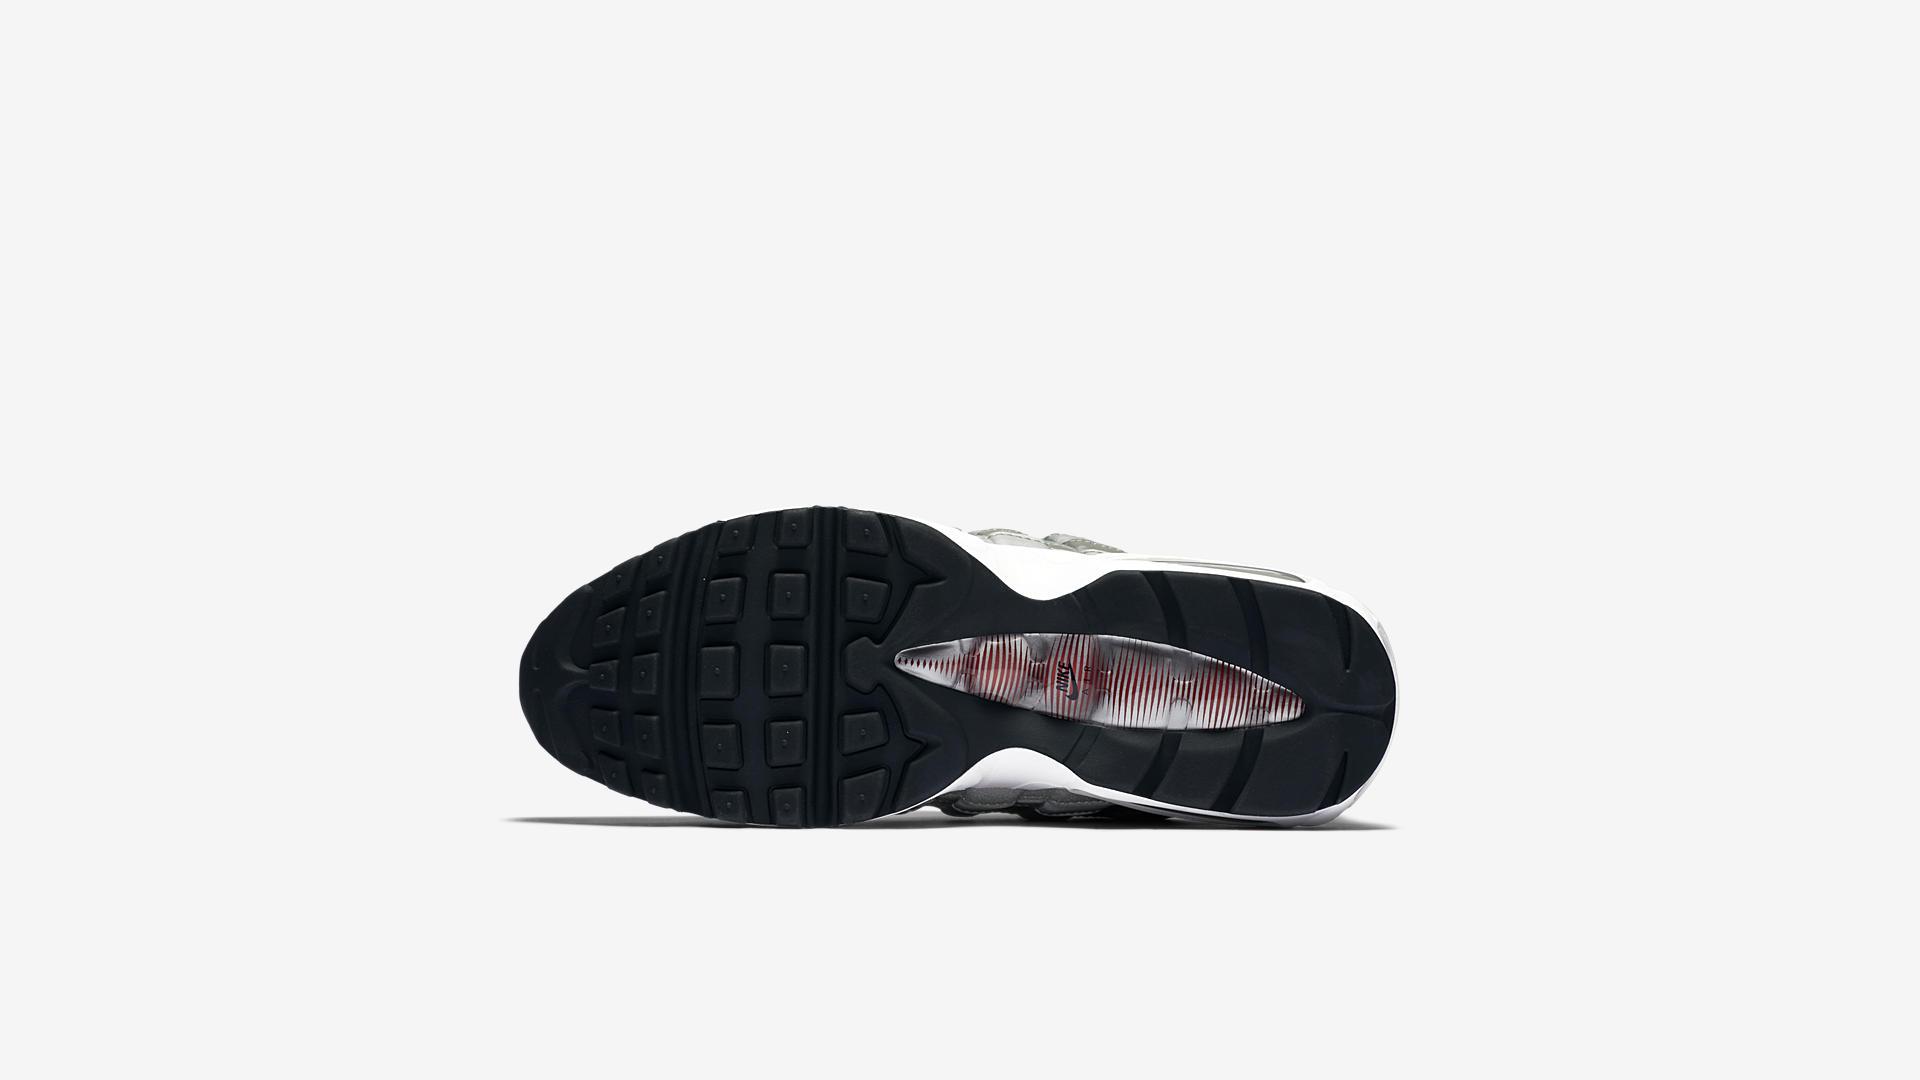 Nike Air Max 95 PRM Metallic Silver 918359 001 2